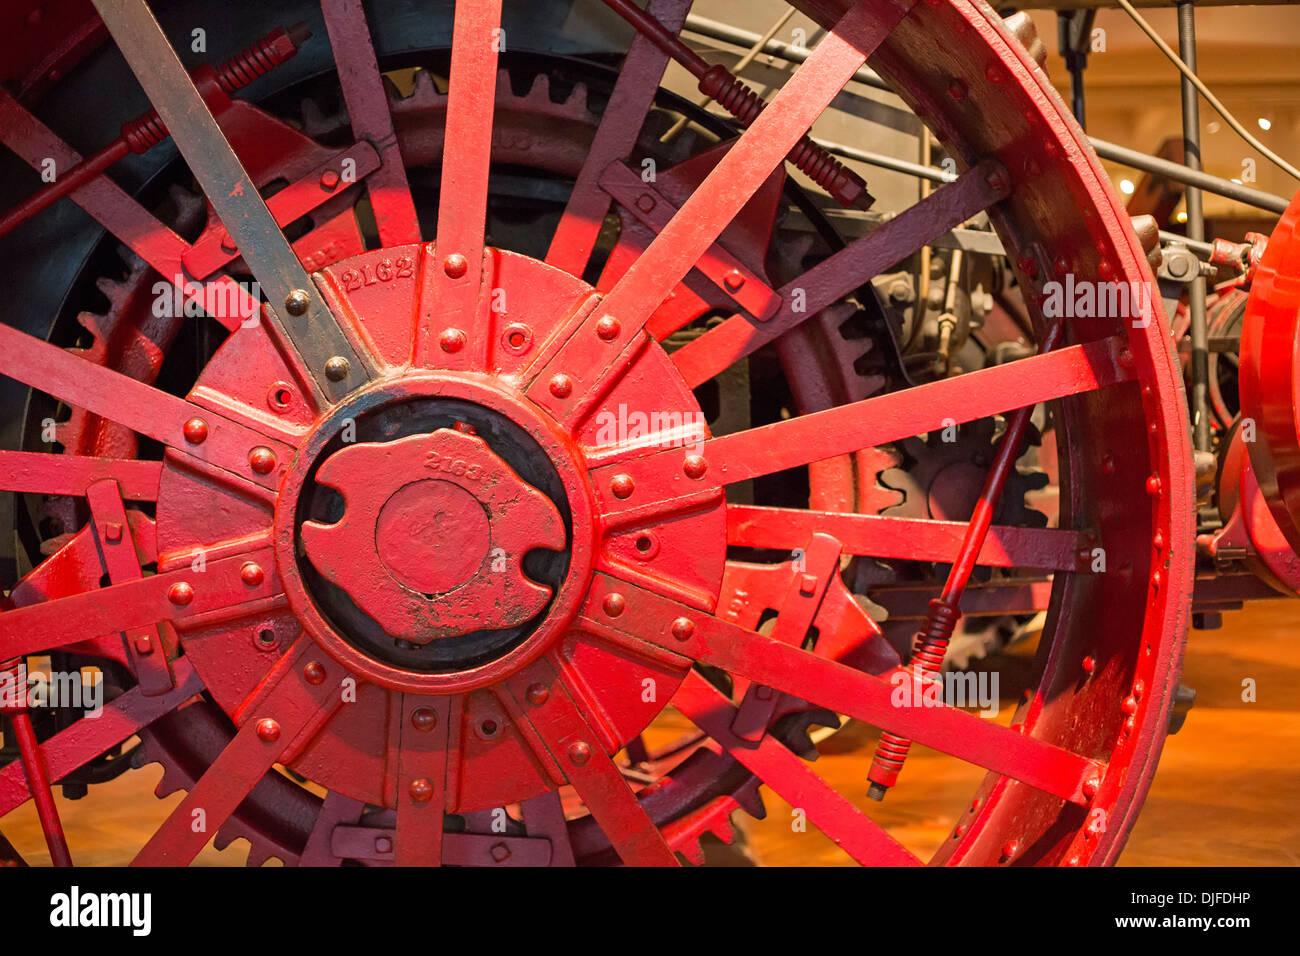 Dearborn, Michigan - Dettaglio di un vapore motore trazione presso la Henry Ford Museum. È stato usato per arare grandi fattorie intorno al 1916. Immagini Stock